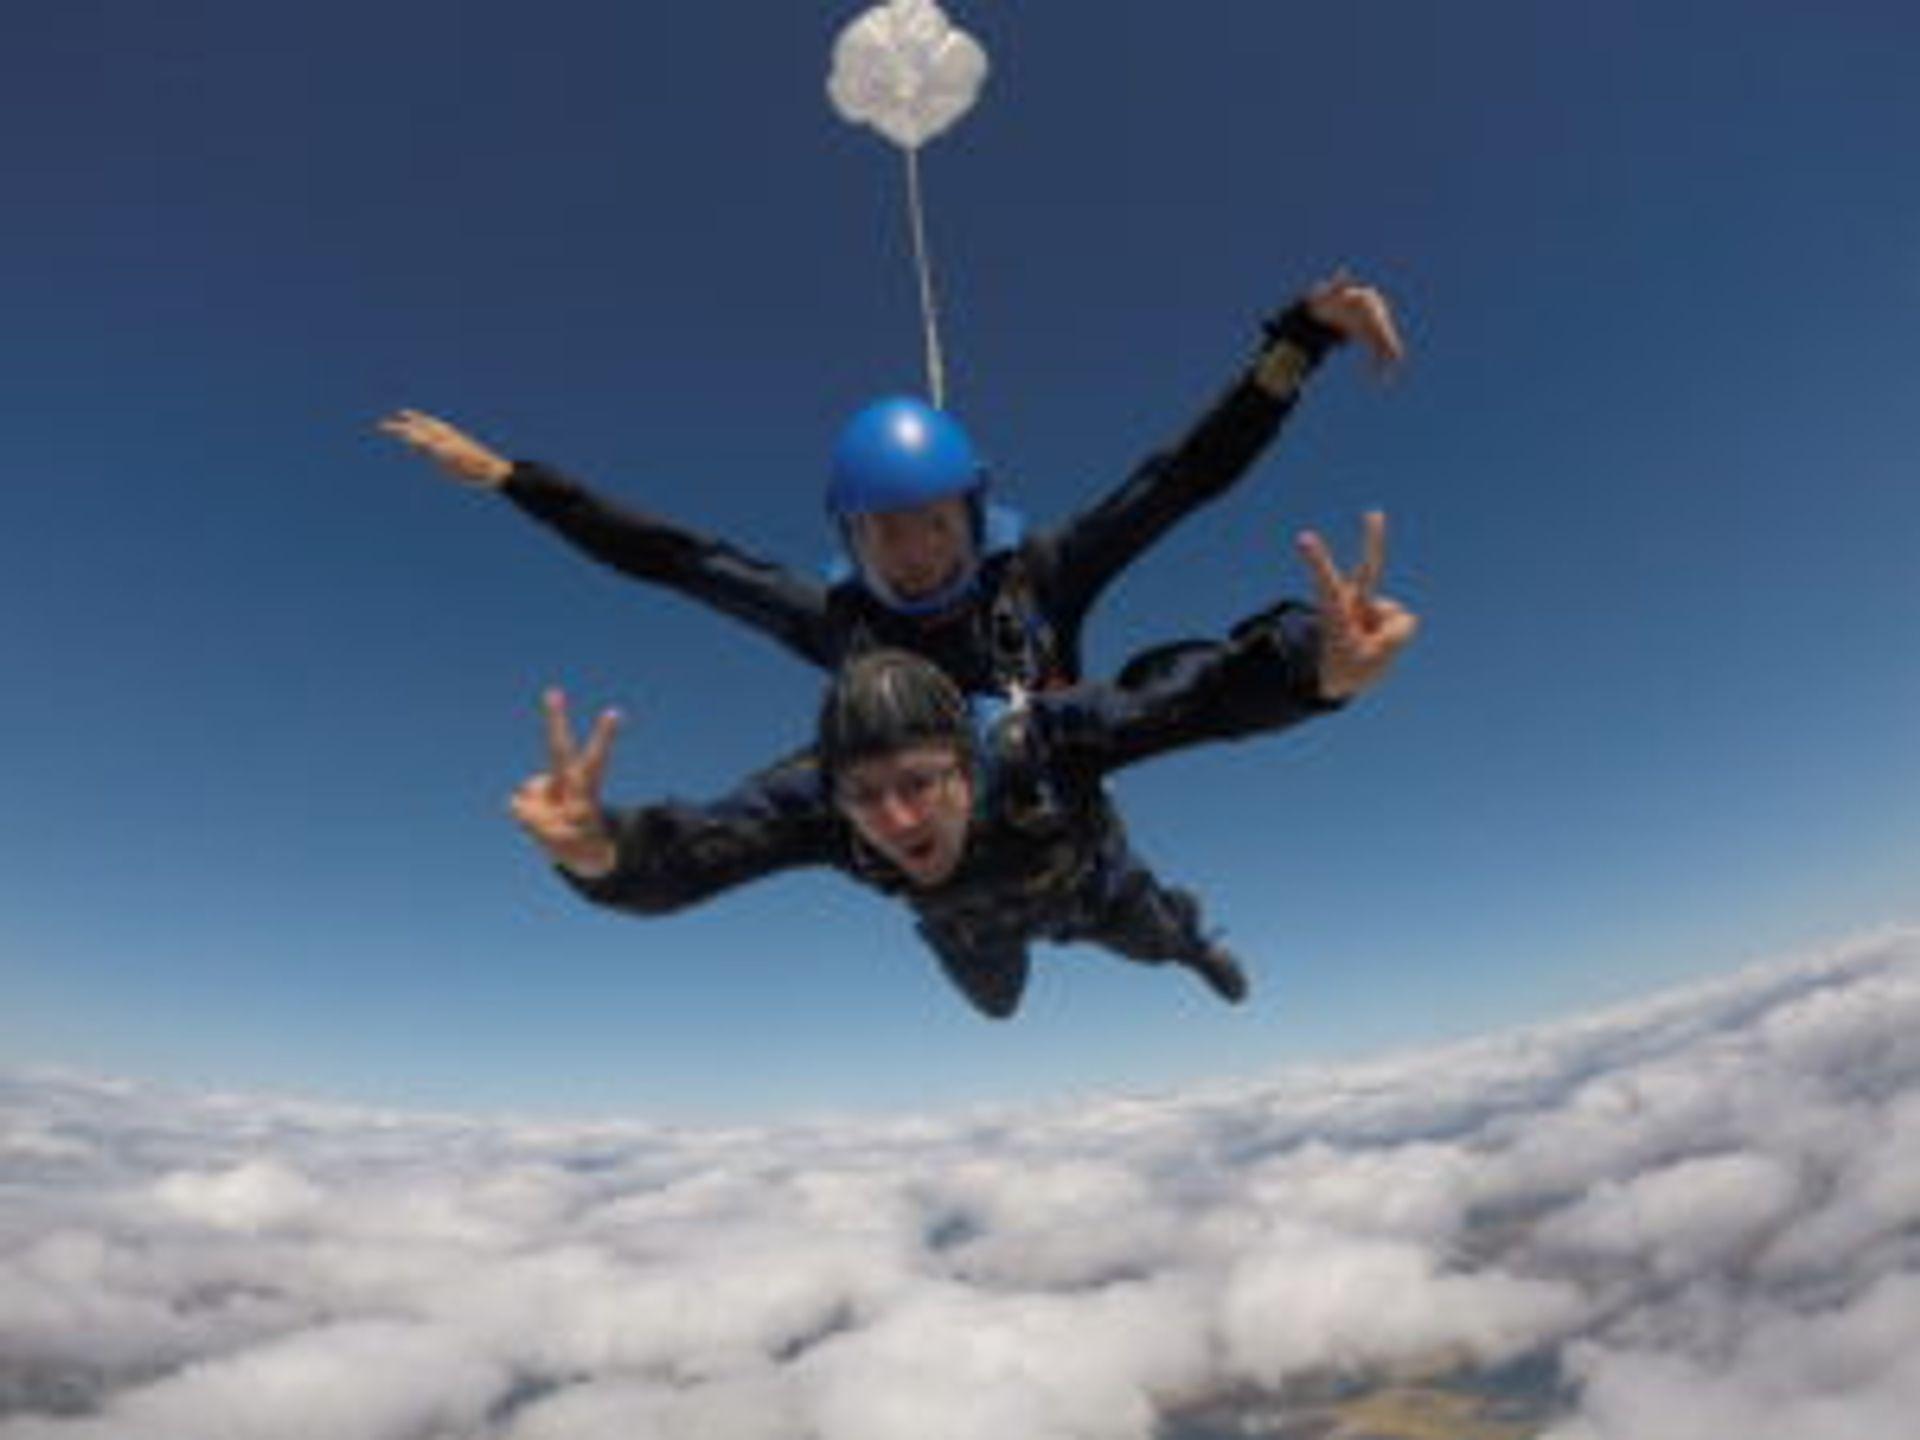 Aleksei skydiving.